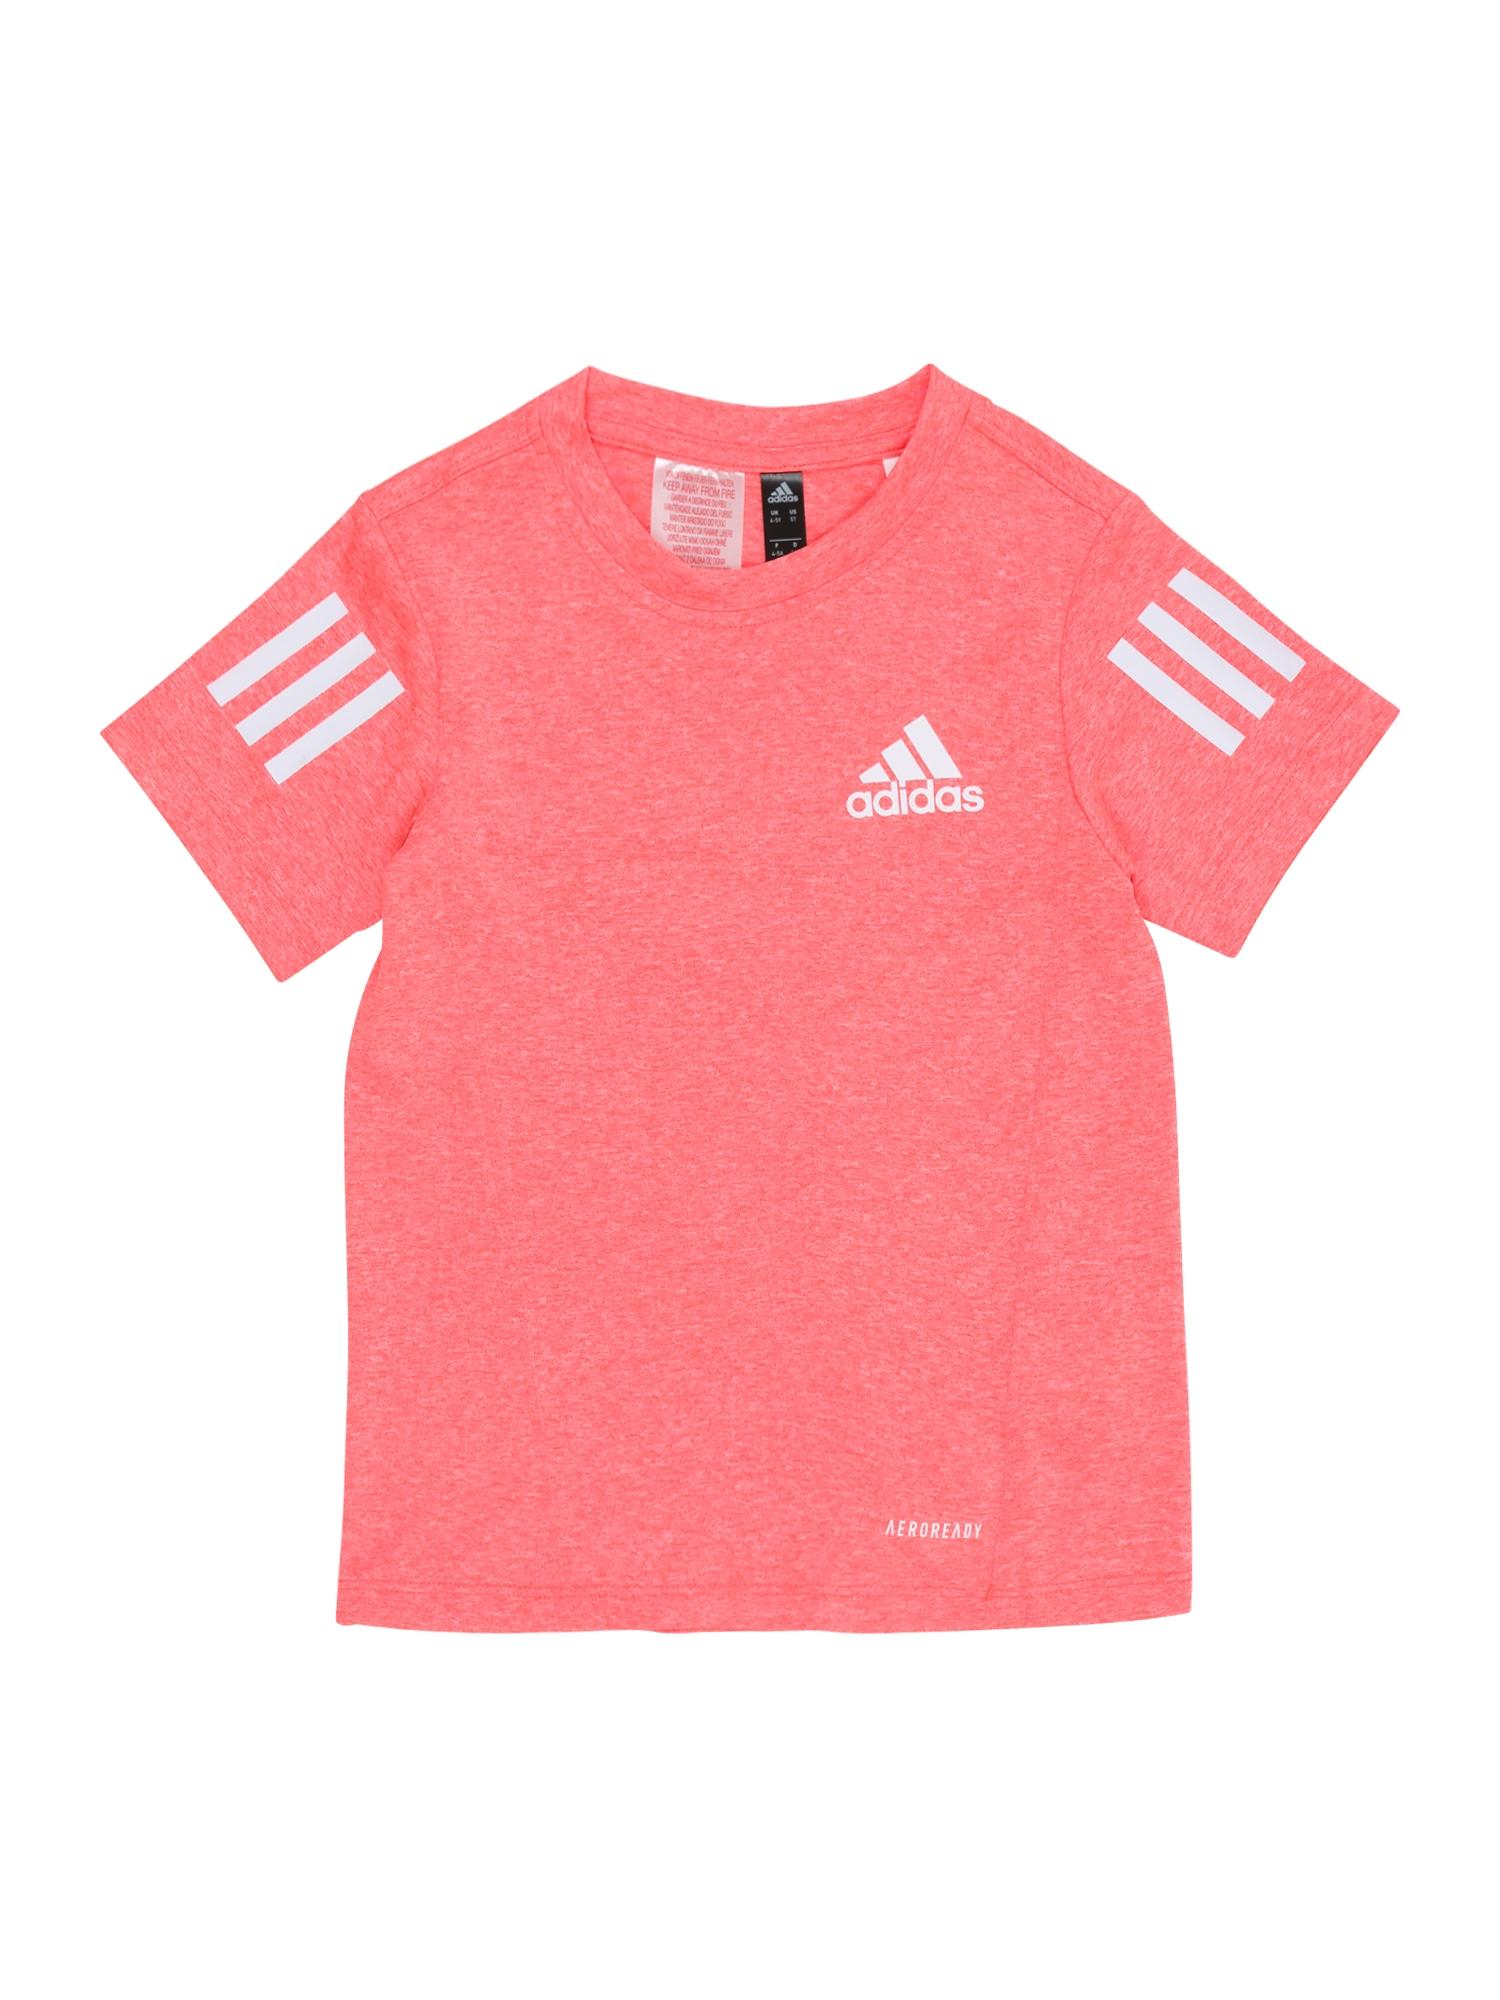 ADIDAS PERFORMANCE Sportiniai marškinėliai 'B A.R' šviesiai rožinė / balta